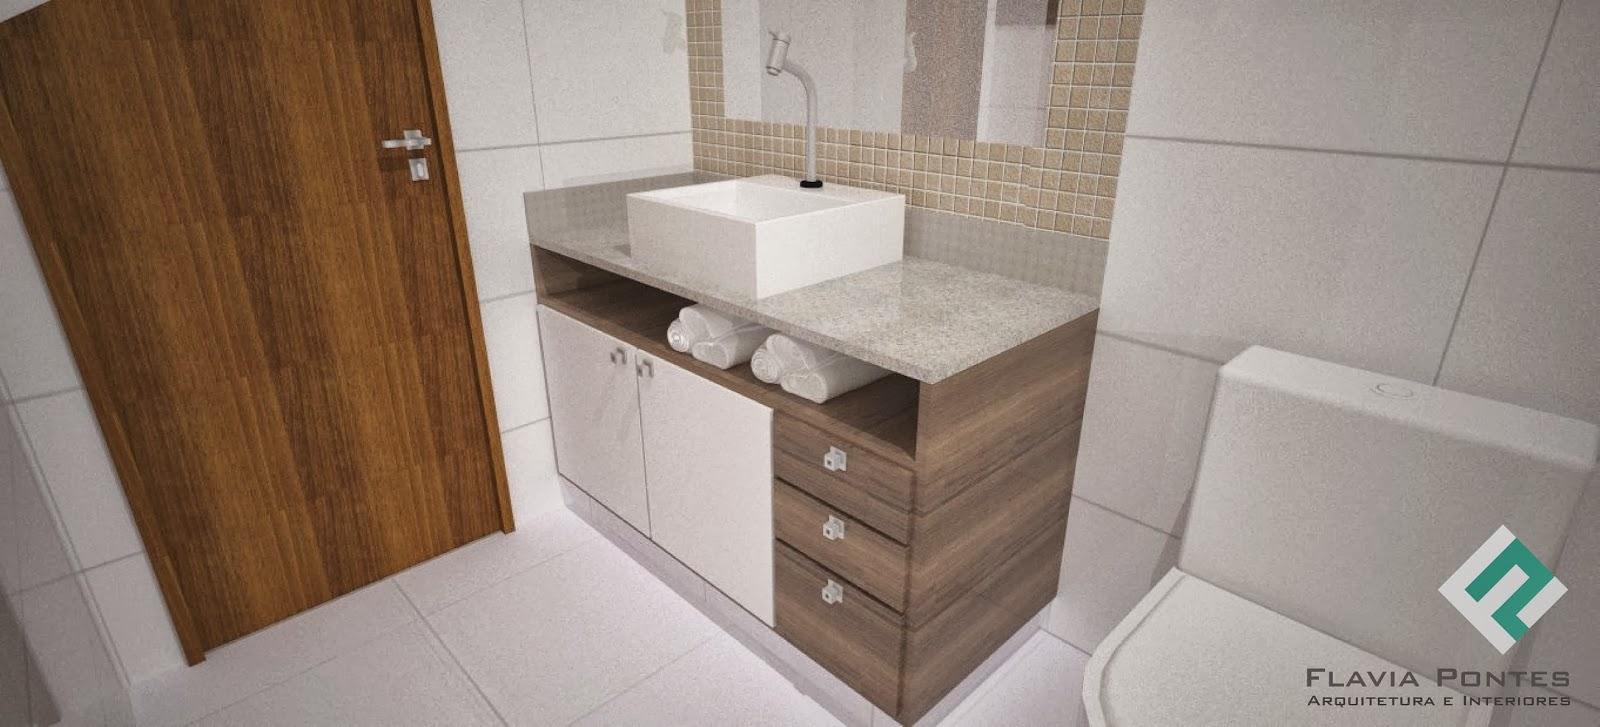 Flavia Pontes Arquitetura -> Banheiro Pequeno Branco E Marrom